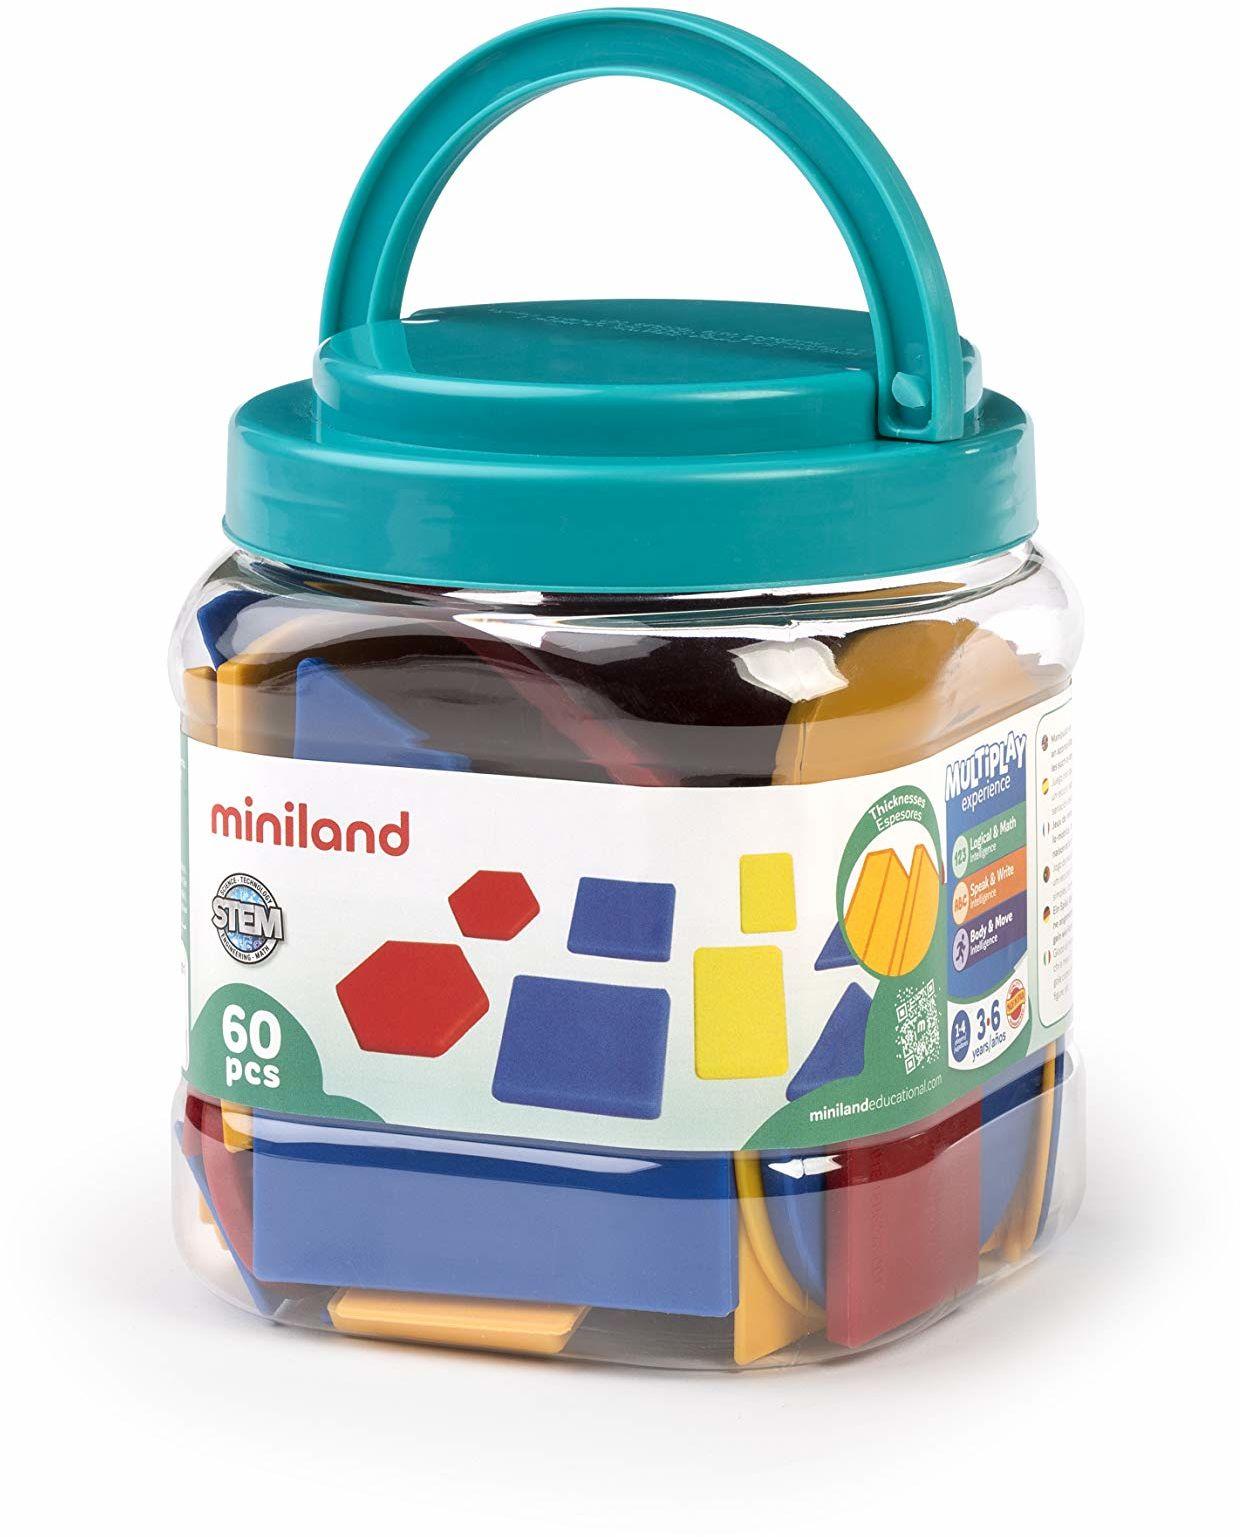 Miniland Miniland95044 zestaw bloków logicznych 95044, wielokolorowy